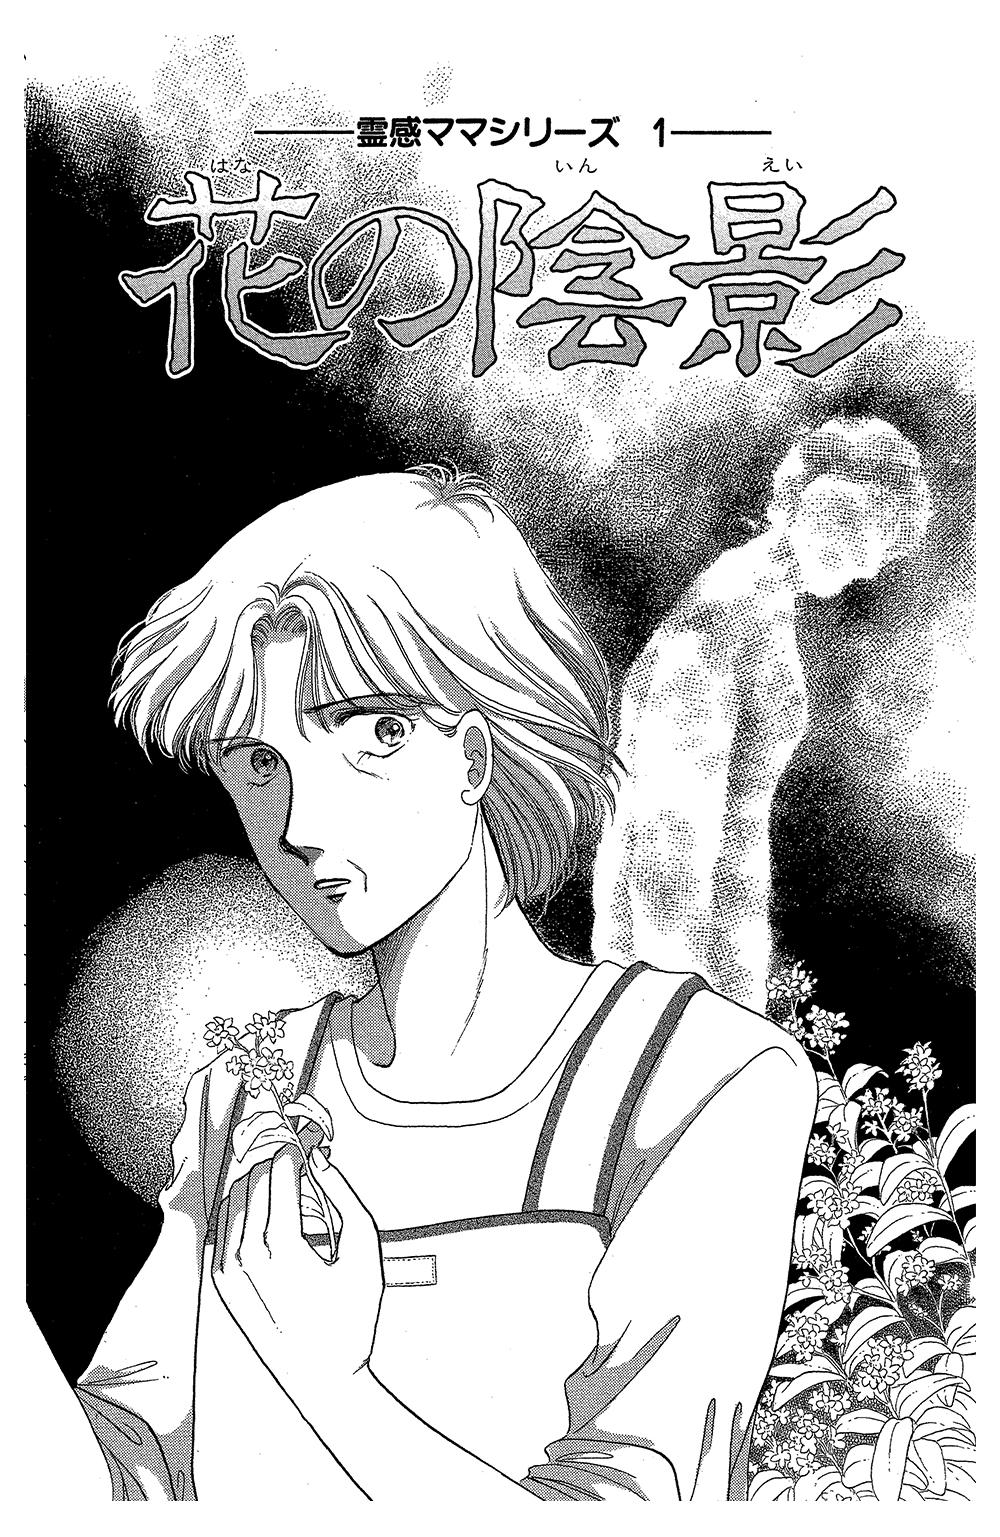 霊感ママシリーズ 第1話「花の陰影」①reikan01.jpg